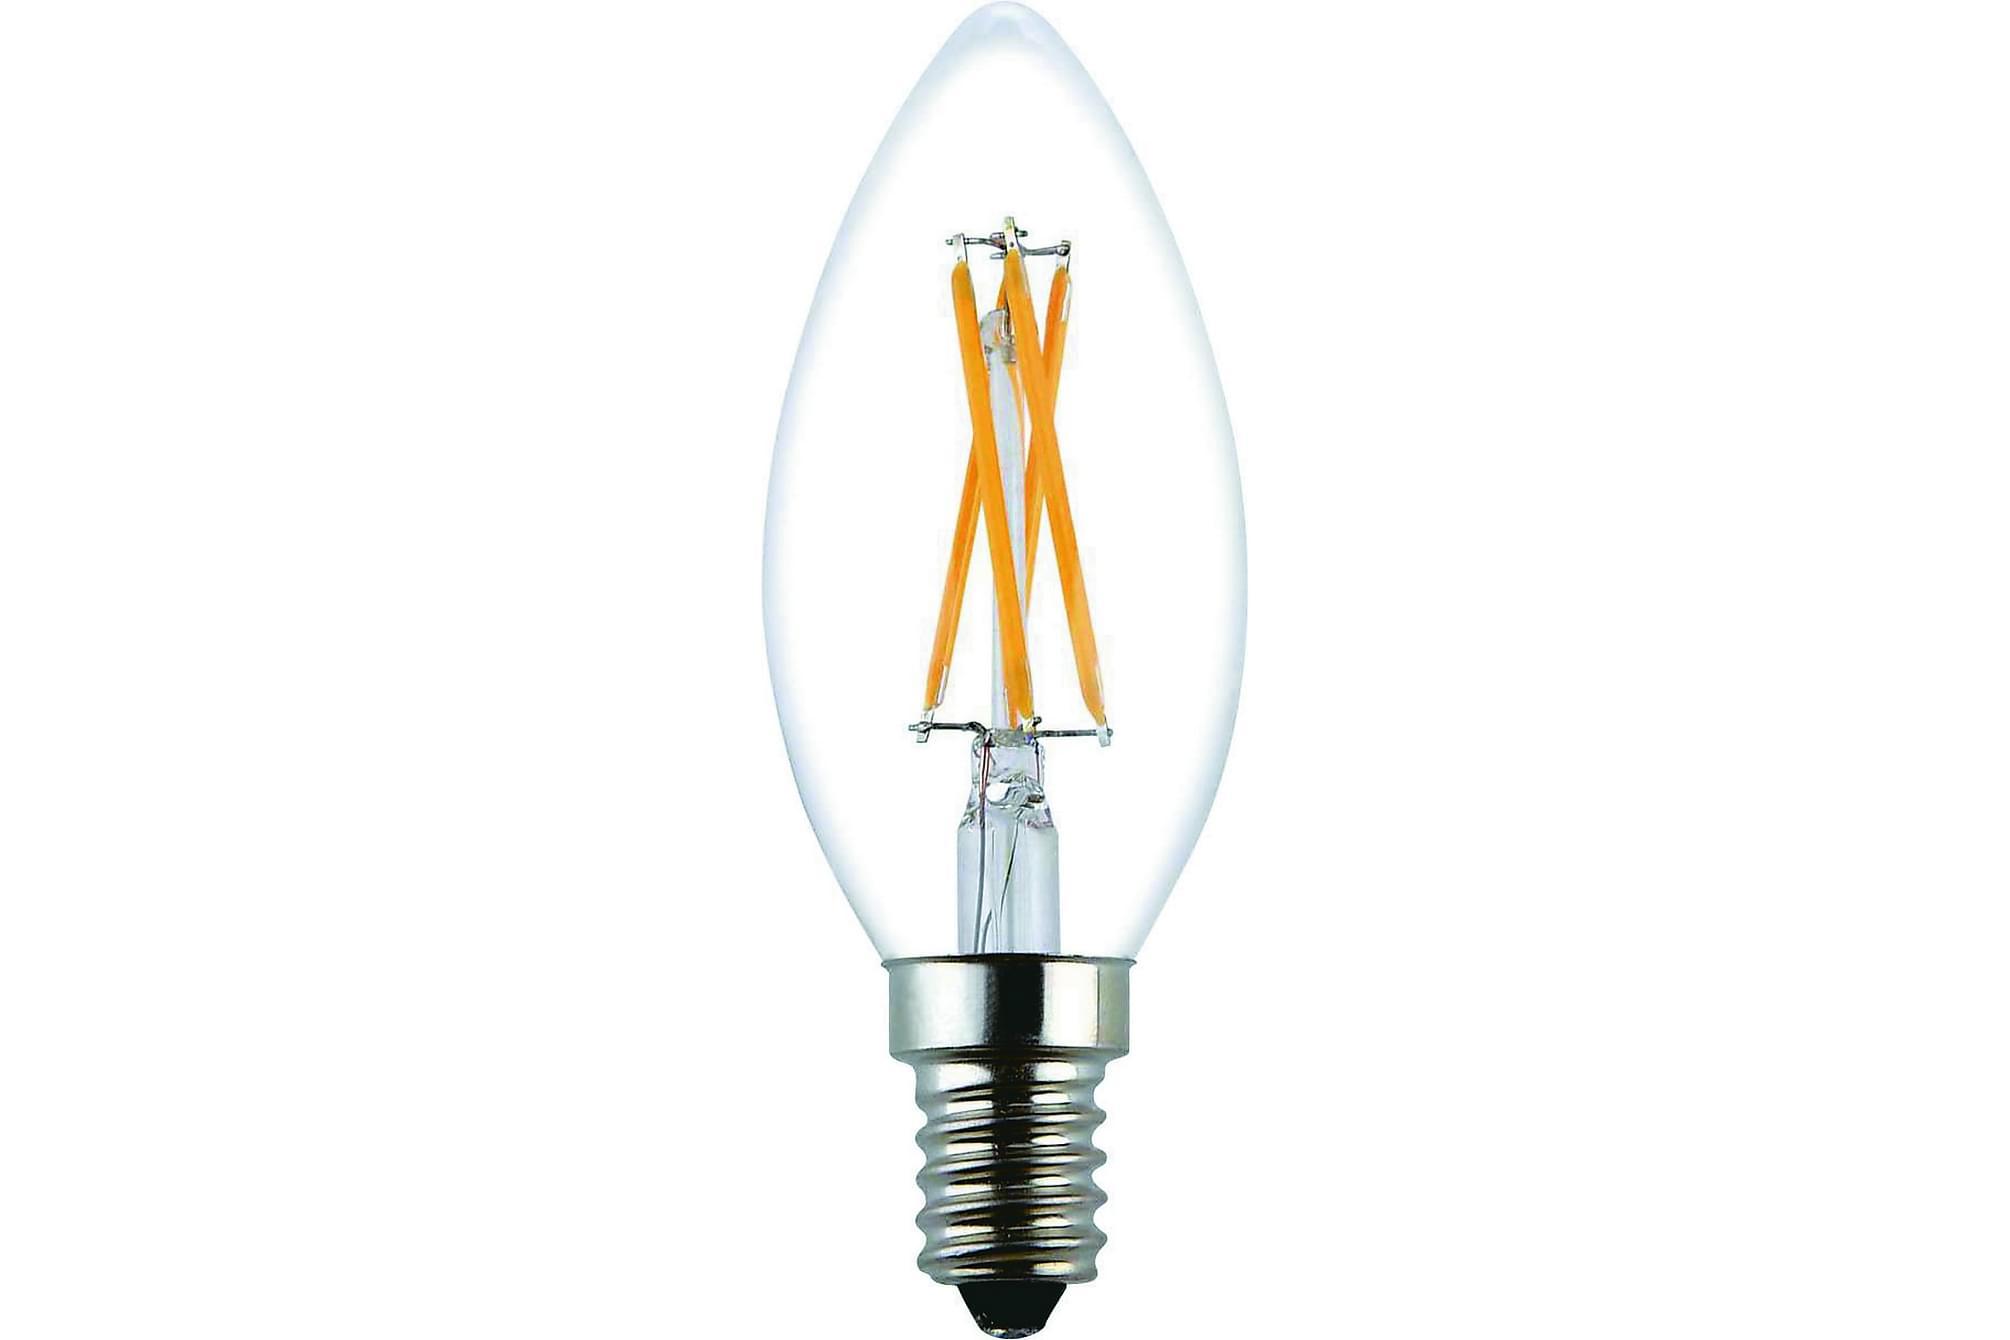 JUNG LED-lampa 1,8W E14 Filament Klar, Glödlampor & ljuskällor